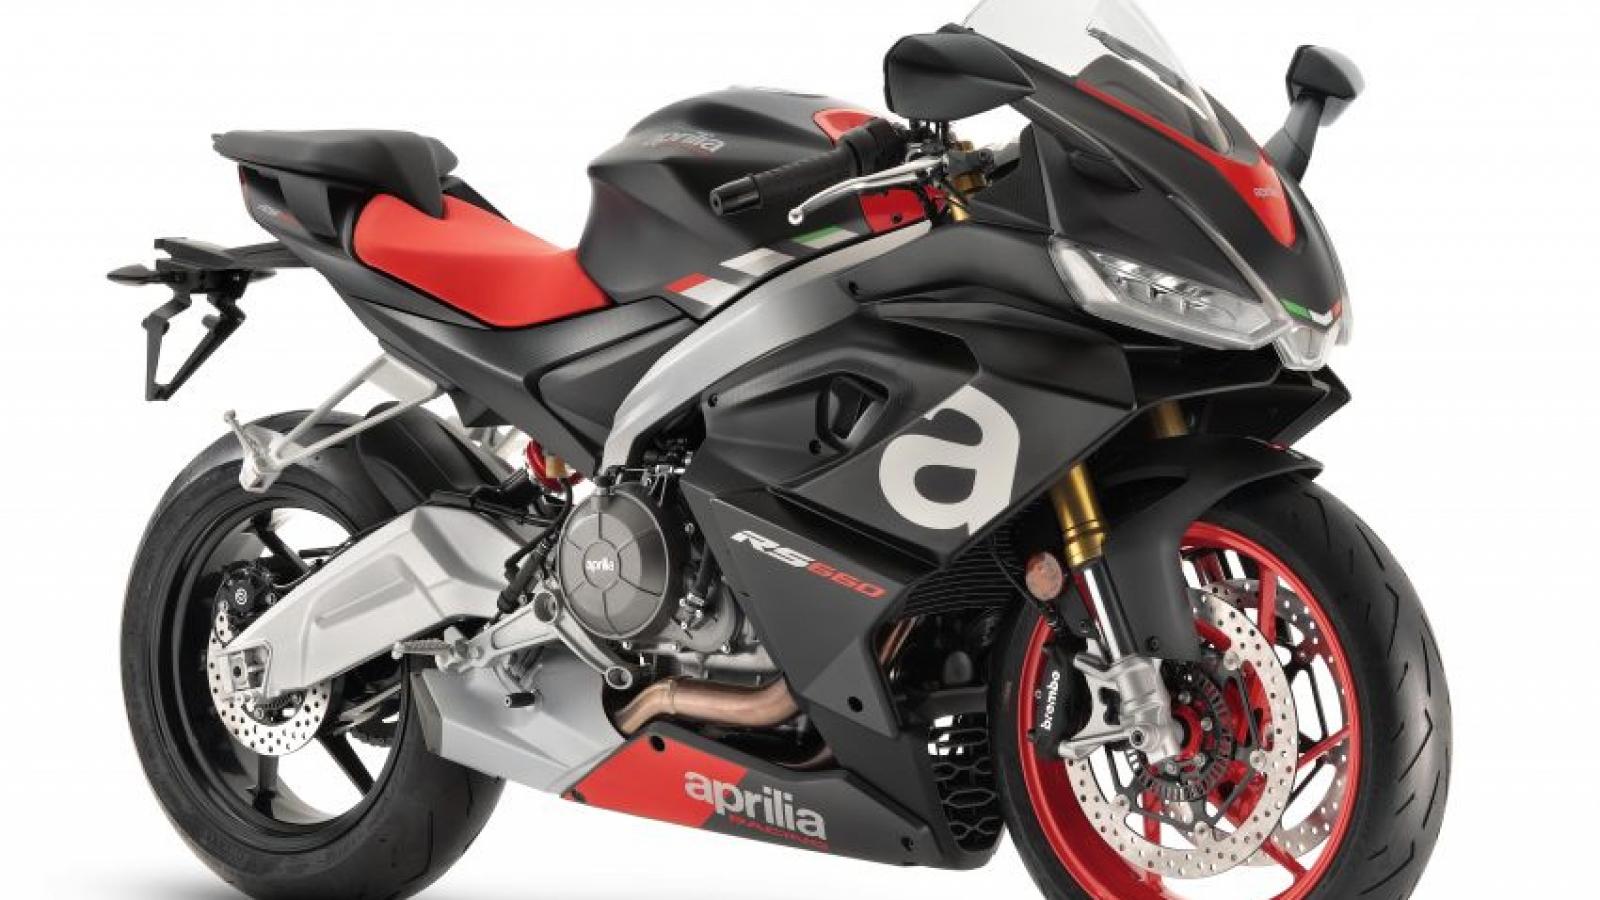 Cận cảnh Aprilia RS660 2021 giá hơn 300 triệu đồng